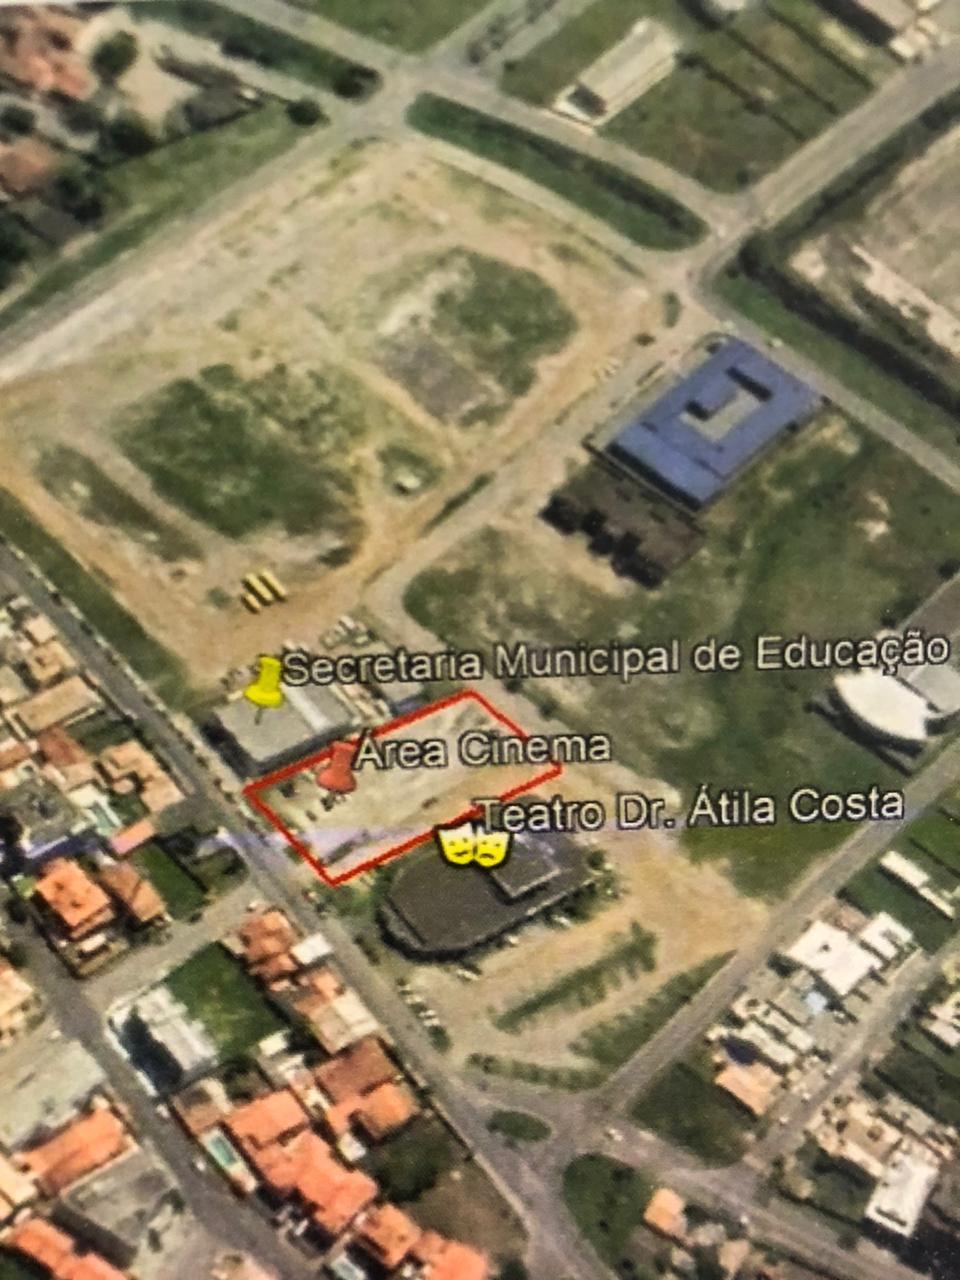 Mapa mostra o local onde será construído o complexo cinematográfico